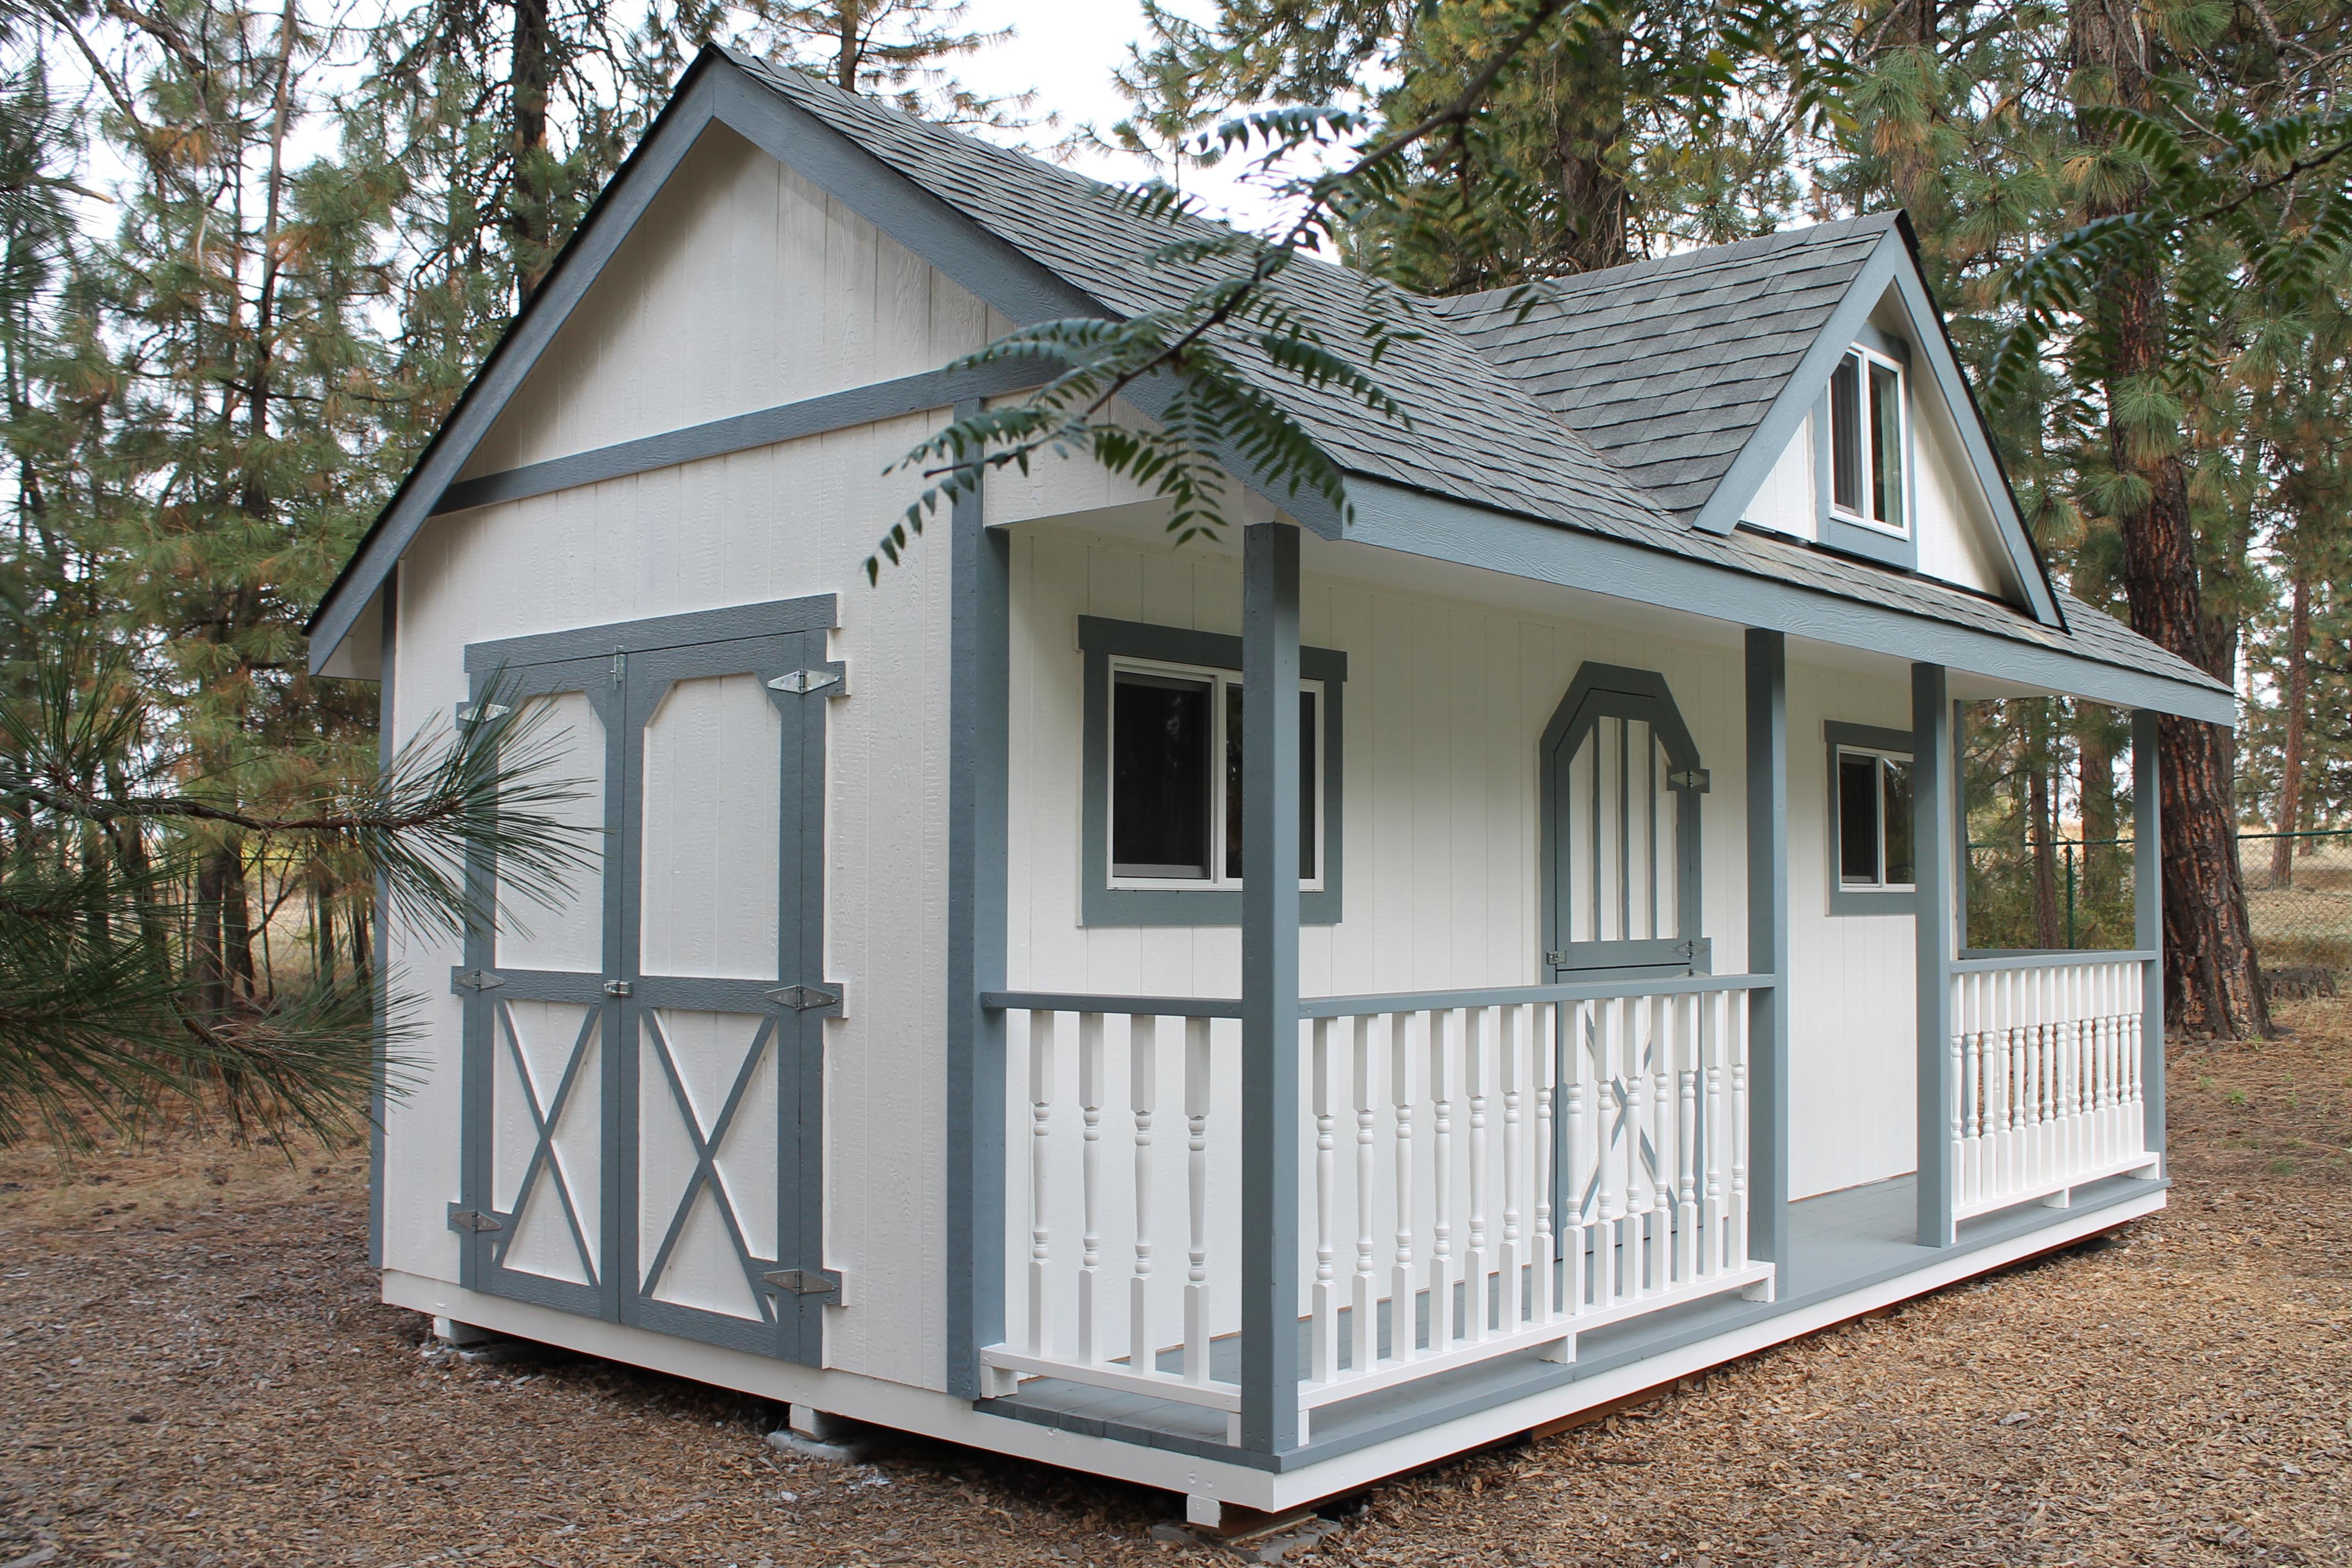 Wood Sheds Spokane Shed Plans Ideas